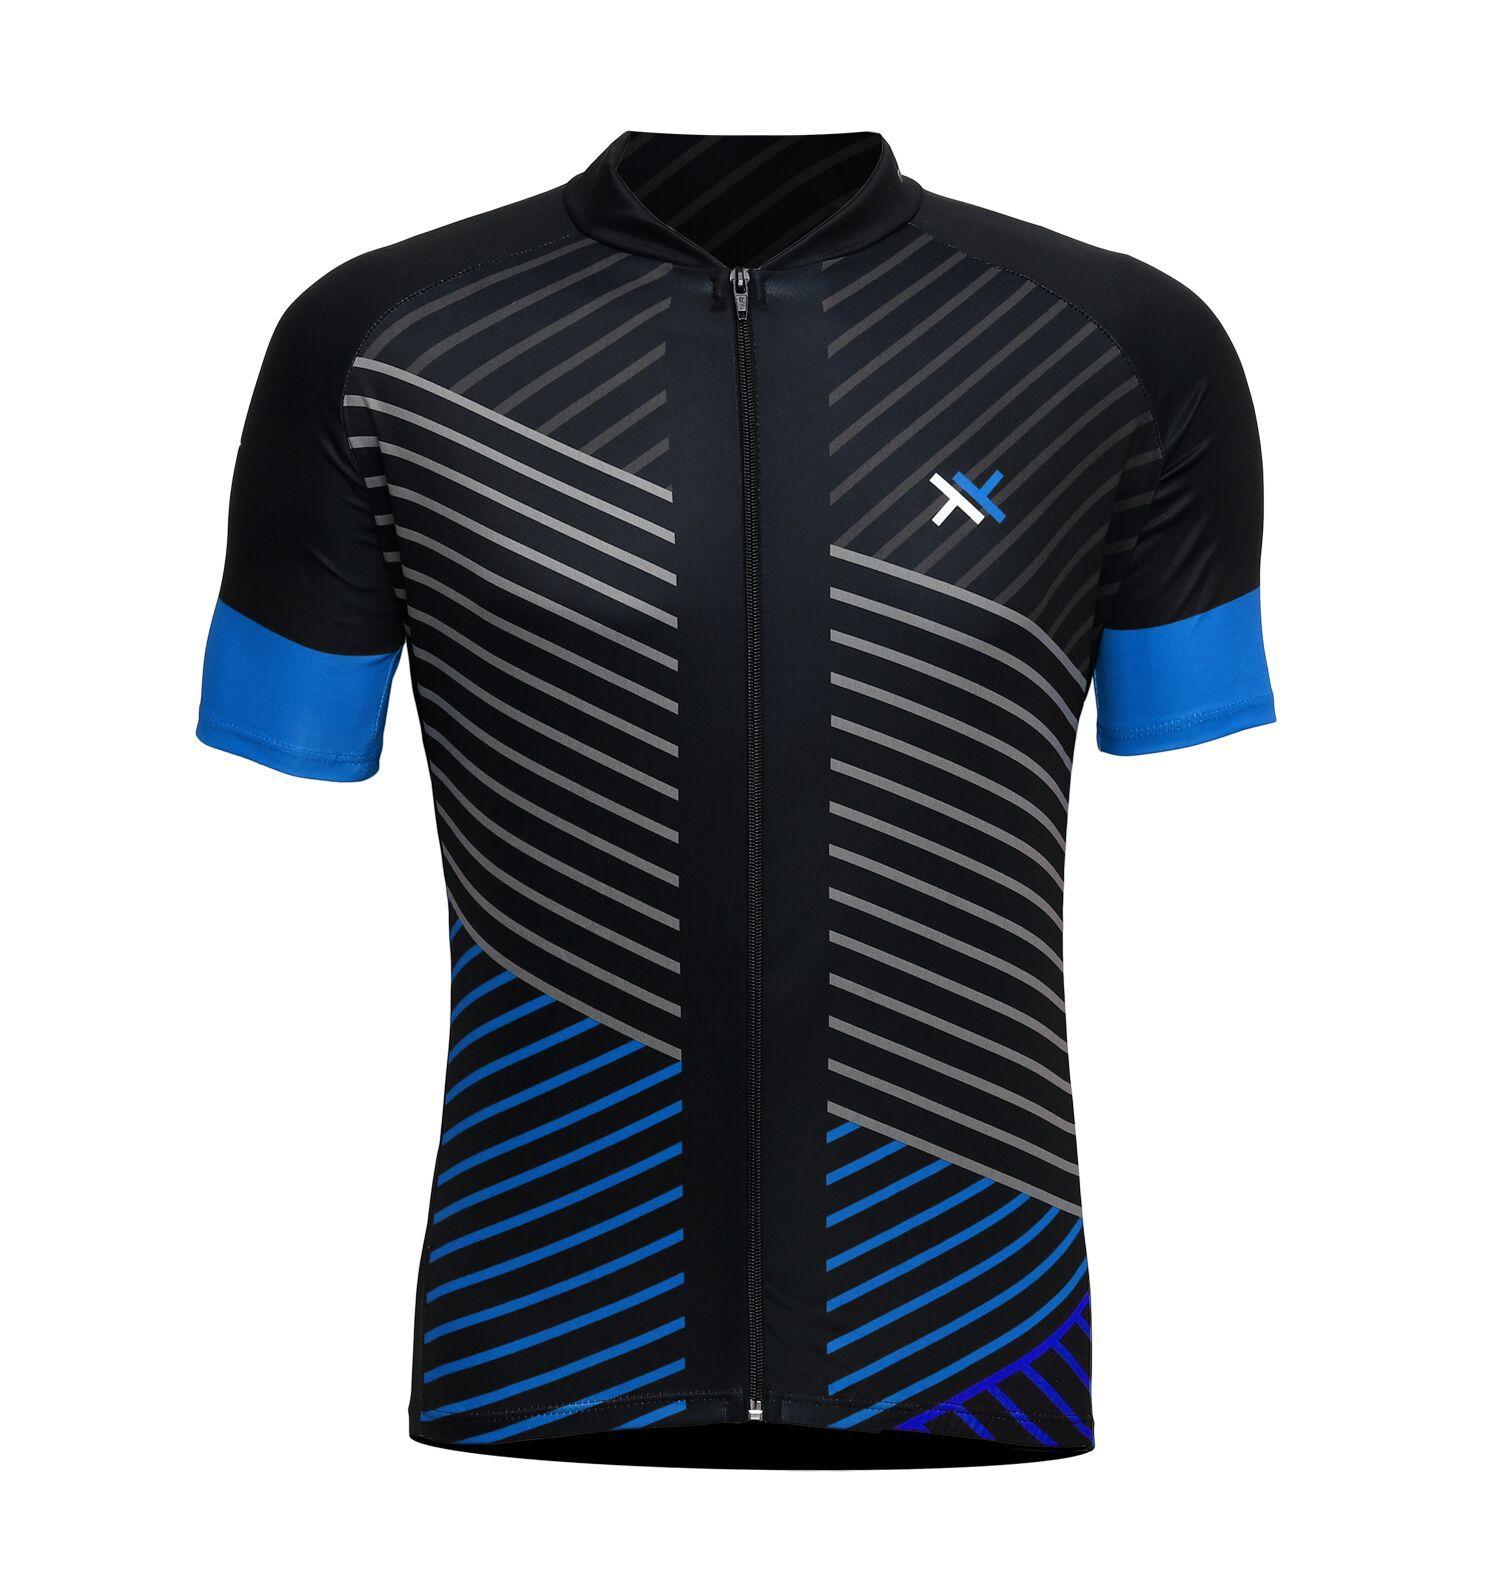 Camisa Mattos Racing Bike Lines